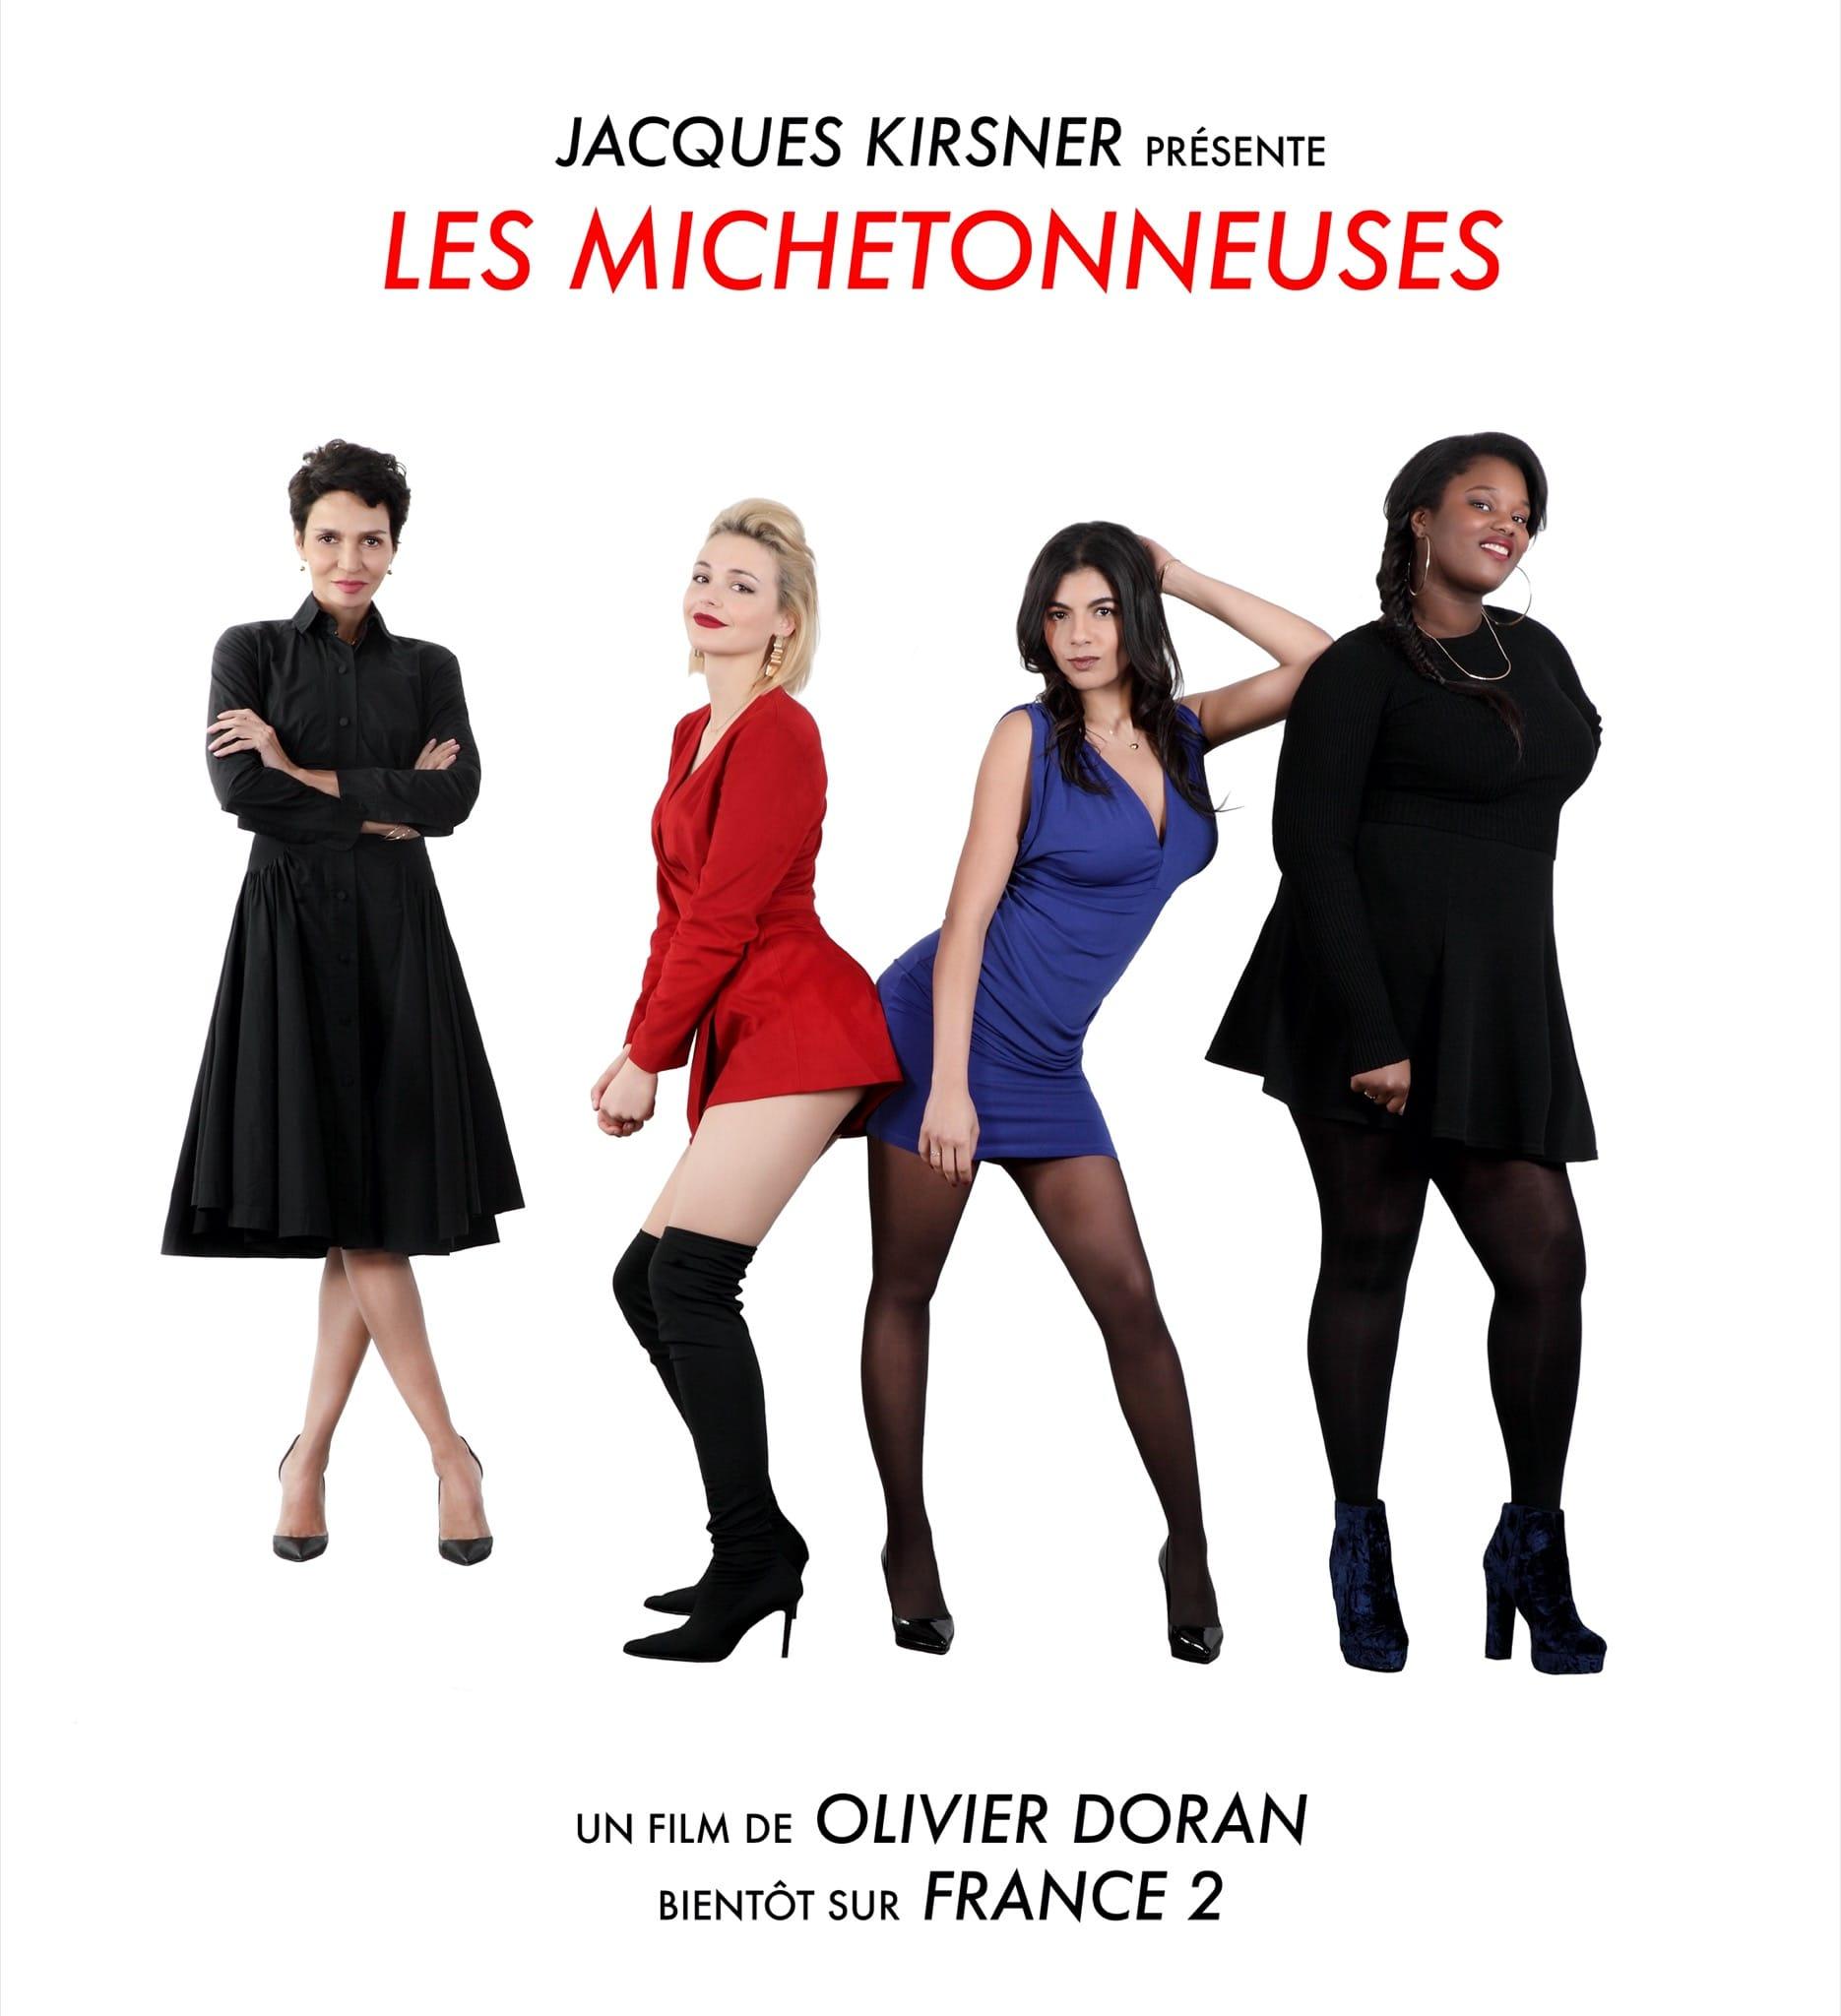 Les michetonneuses d'Olivier Doran affiche téléfilm France 2